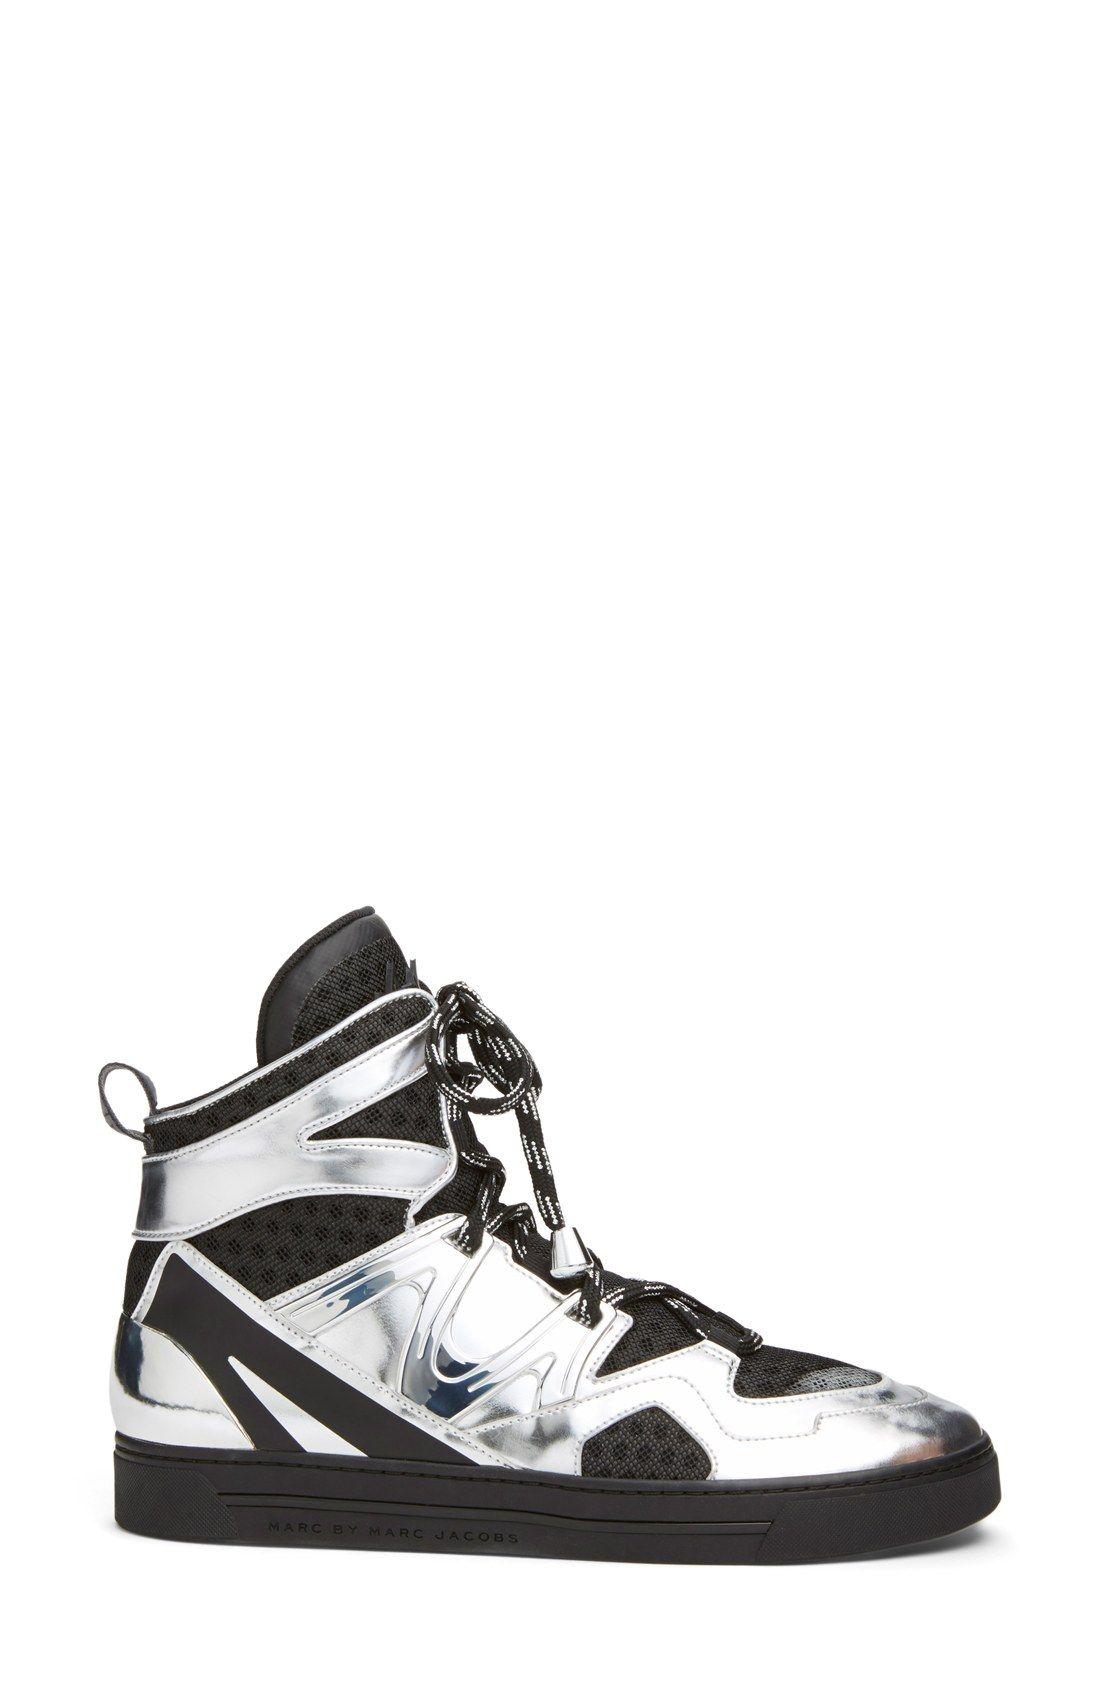 MARC BY MARC JACOBS 'Tech Ninja' High Top Sneaker (Women